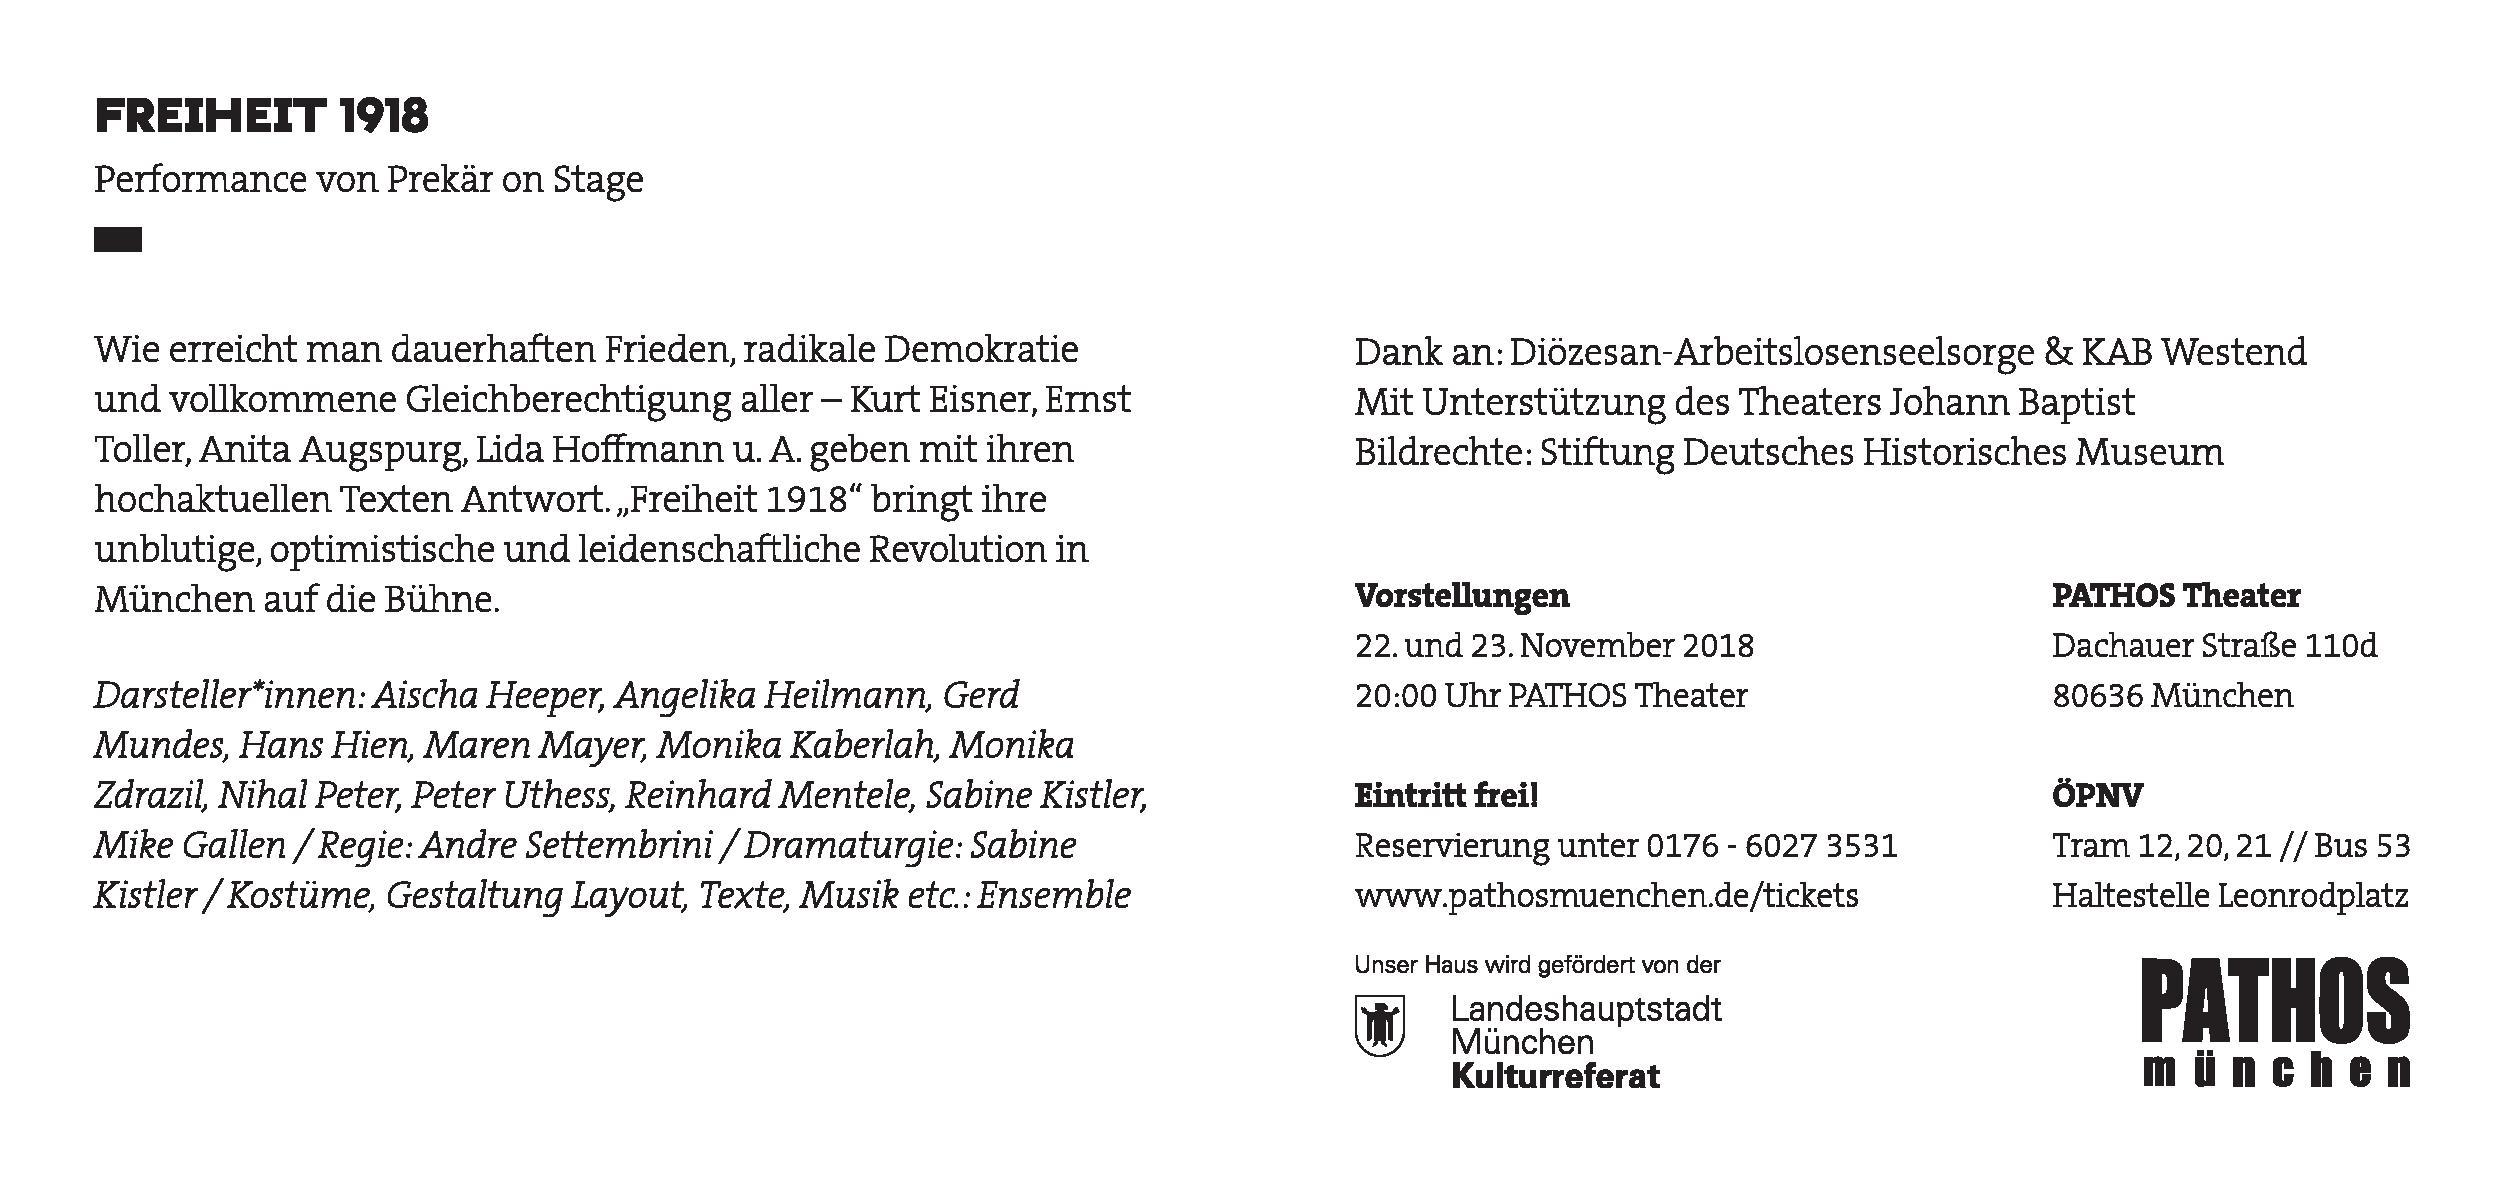 Freiheit 1918 von Prekär on Stage - Einladungstext